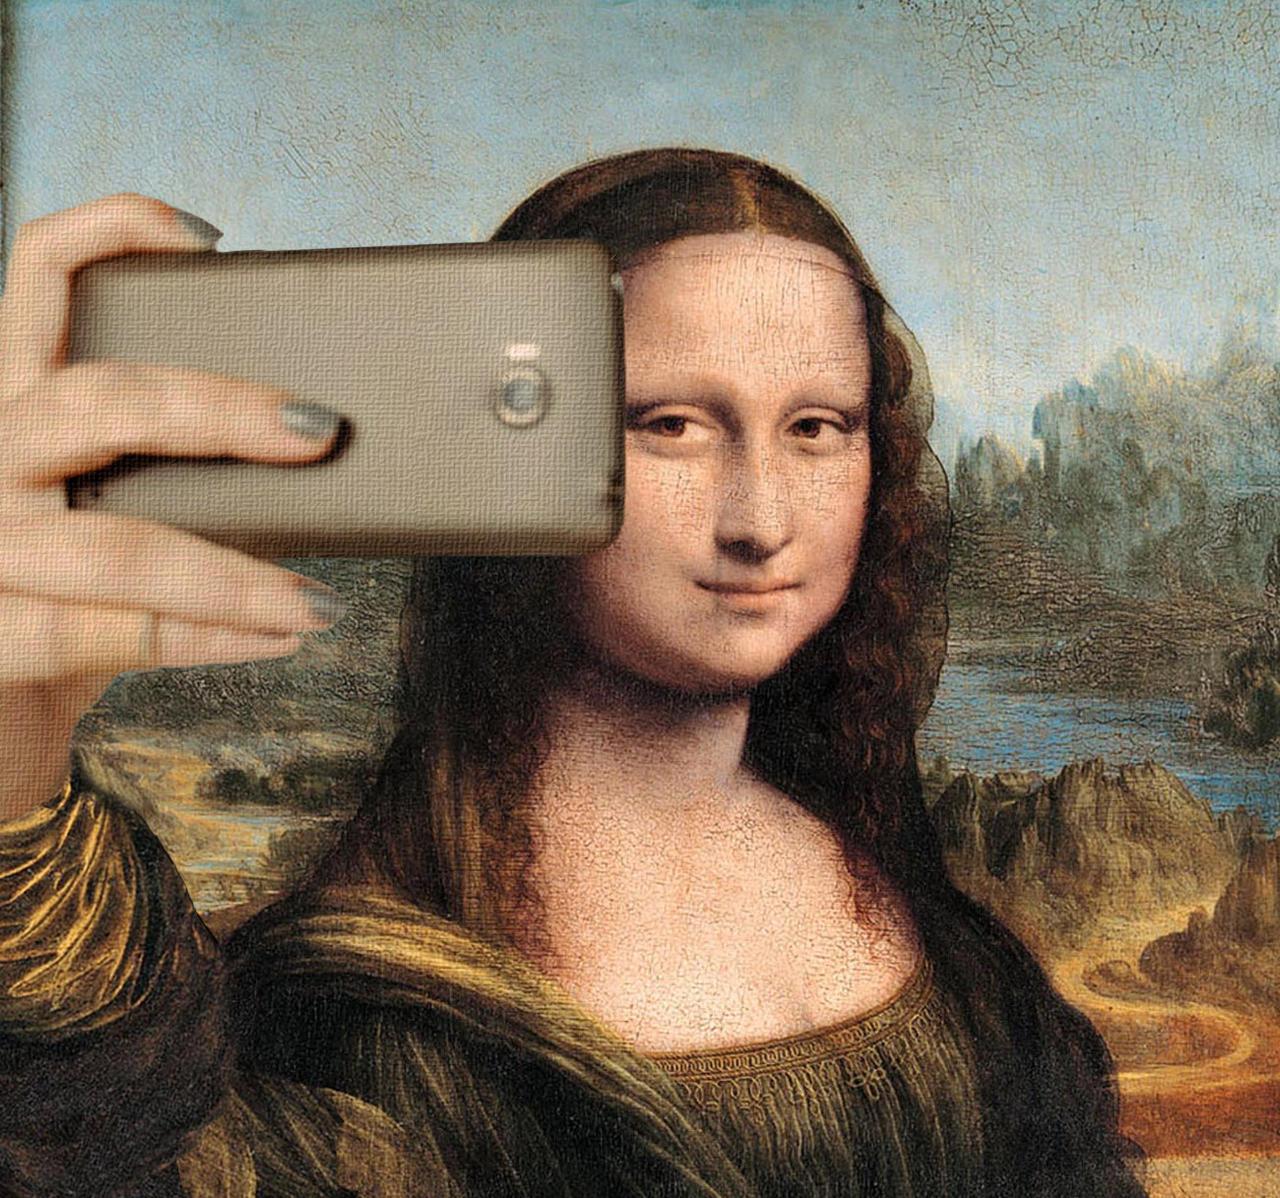 Resultado de imagen de selfi gioconda